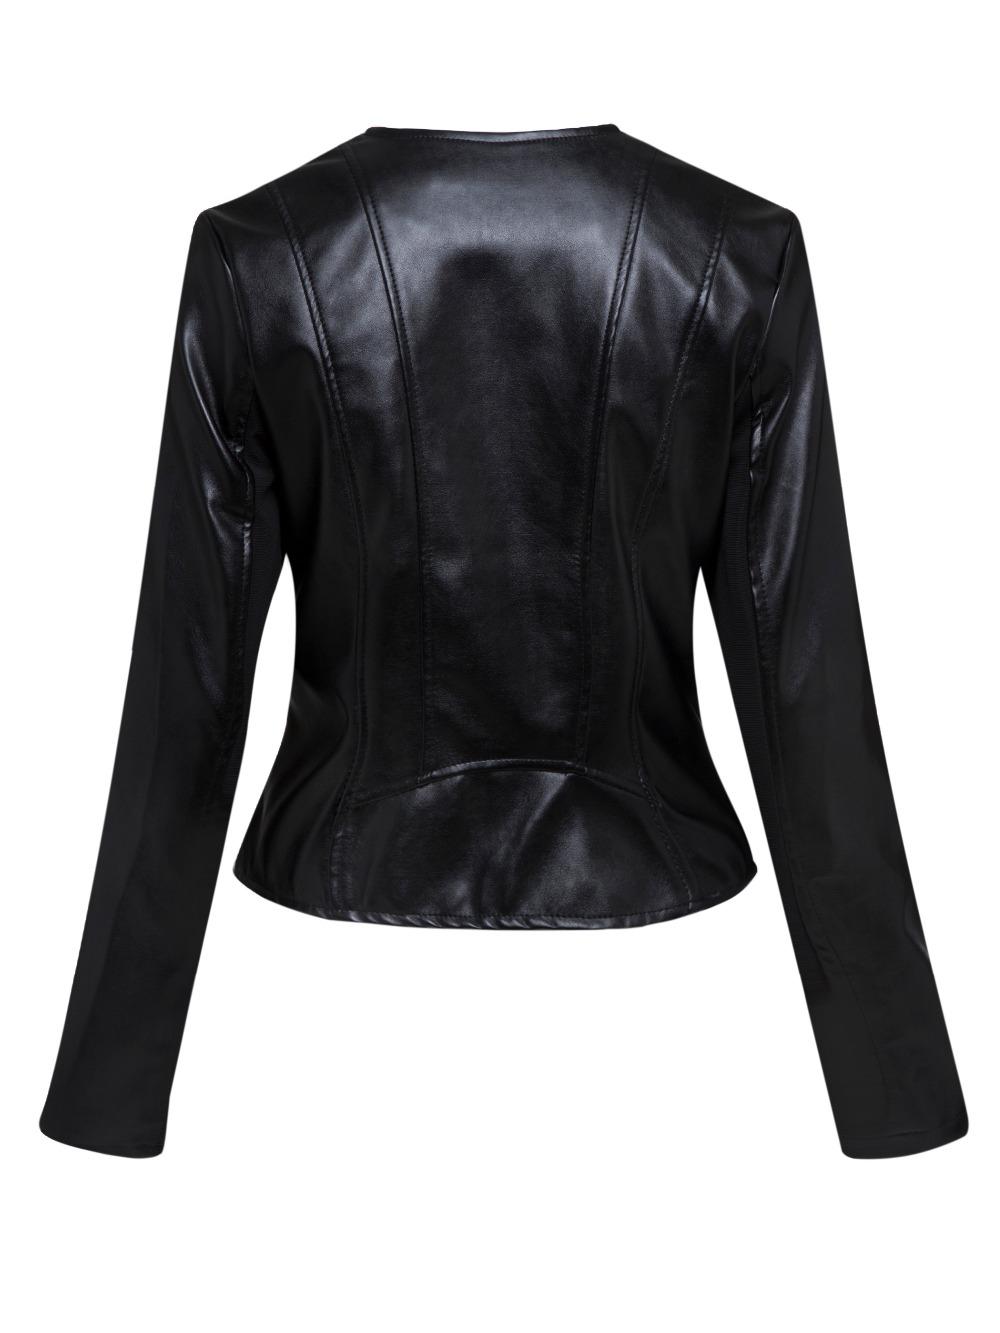 Kinikiss motocicleta PU chaqueta de cuero mujer invierno y otoño nueva moda  Color negro cremallera chaqueta nueva 2018 abrigo caliente. 1 2 3 4 5 6 7 8  ... 8d6e5b42a0ca